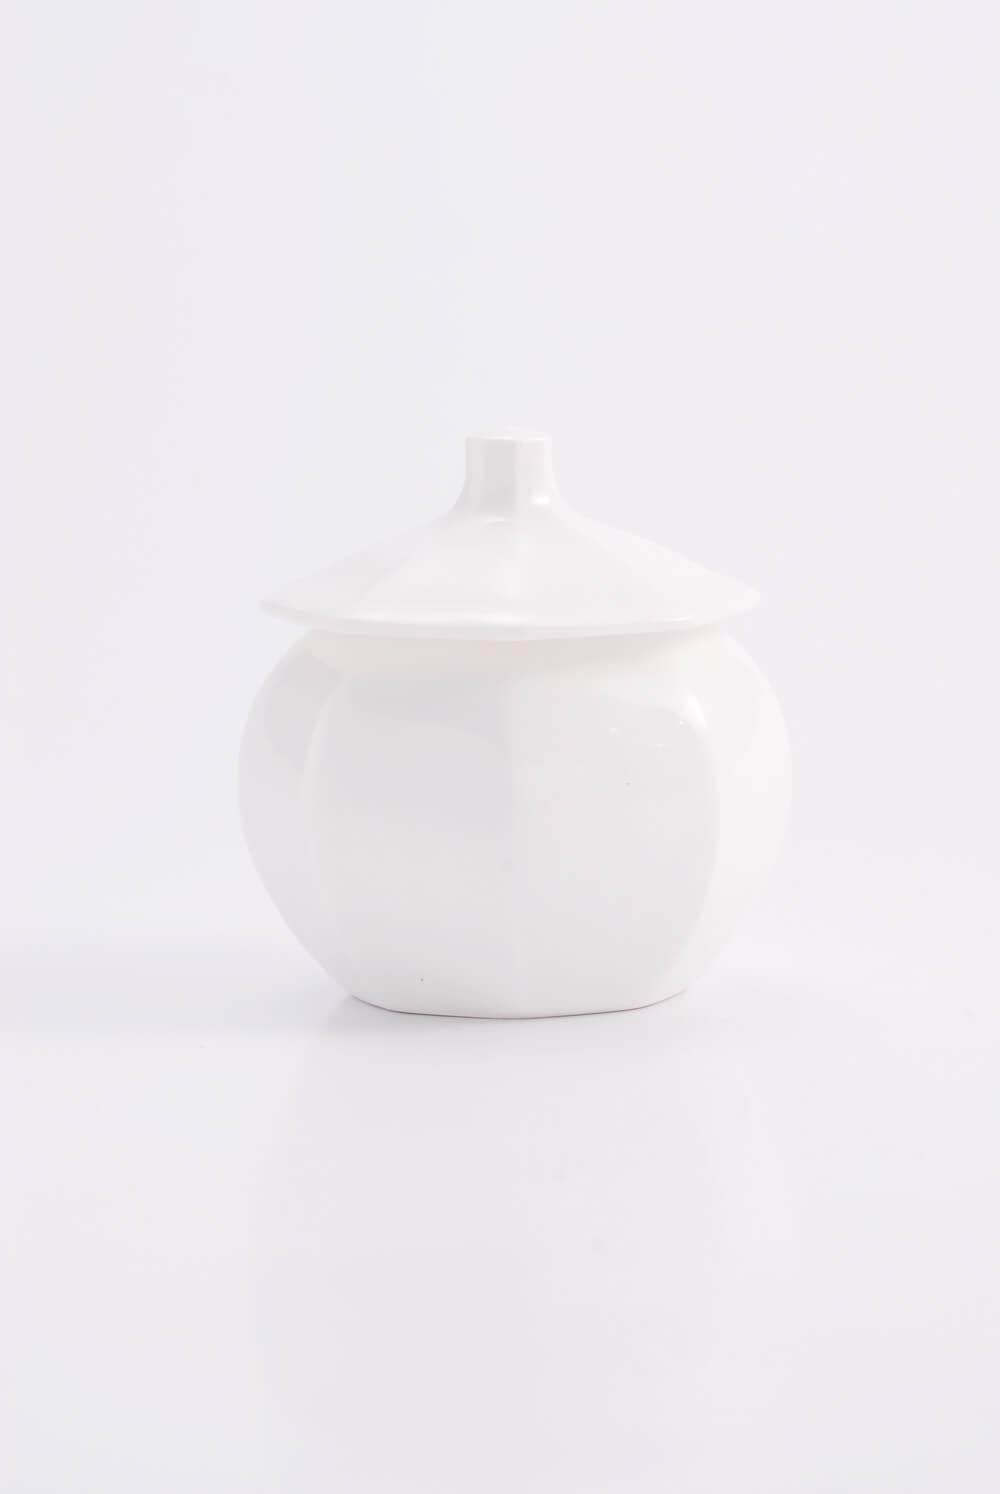 2007年8月23日から開催の「白磁への誘い 傘寿 塚本 司郎 作品展」の作品03